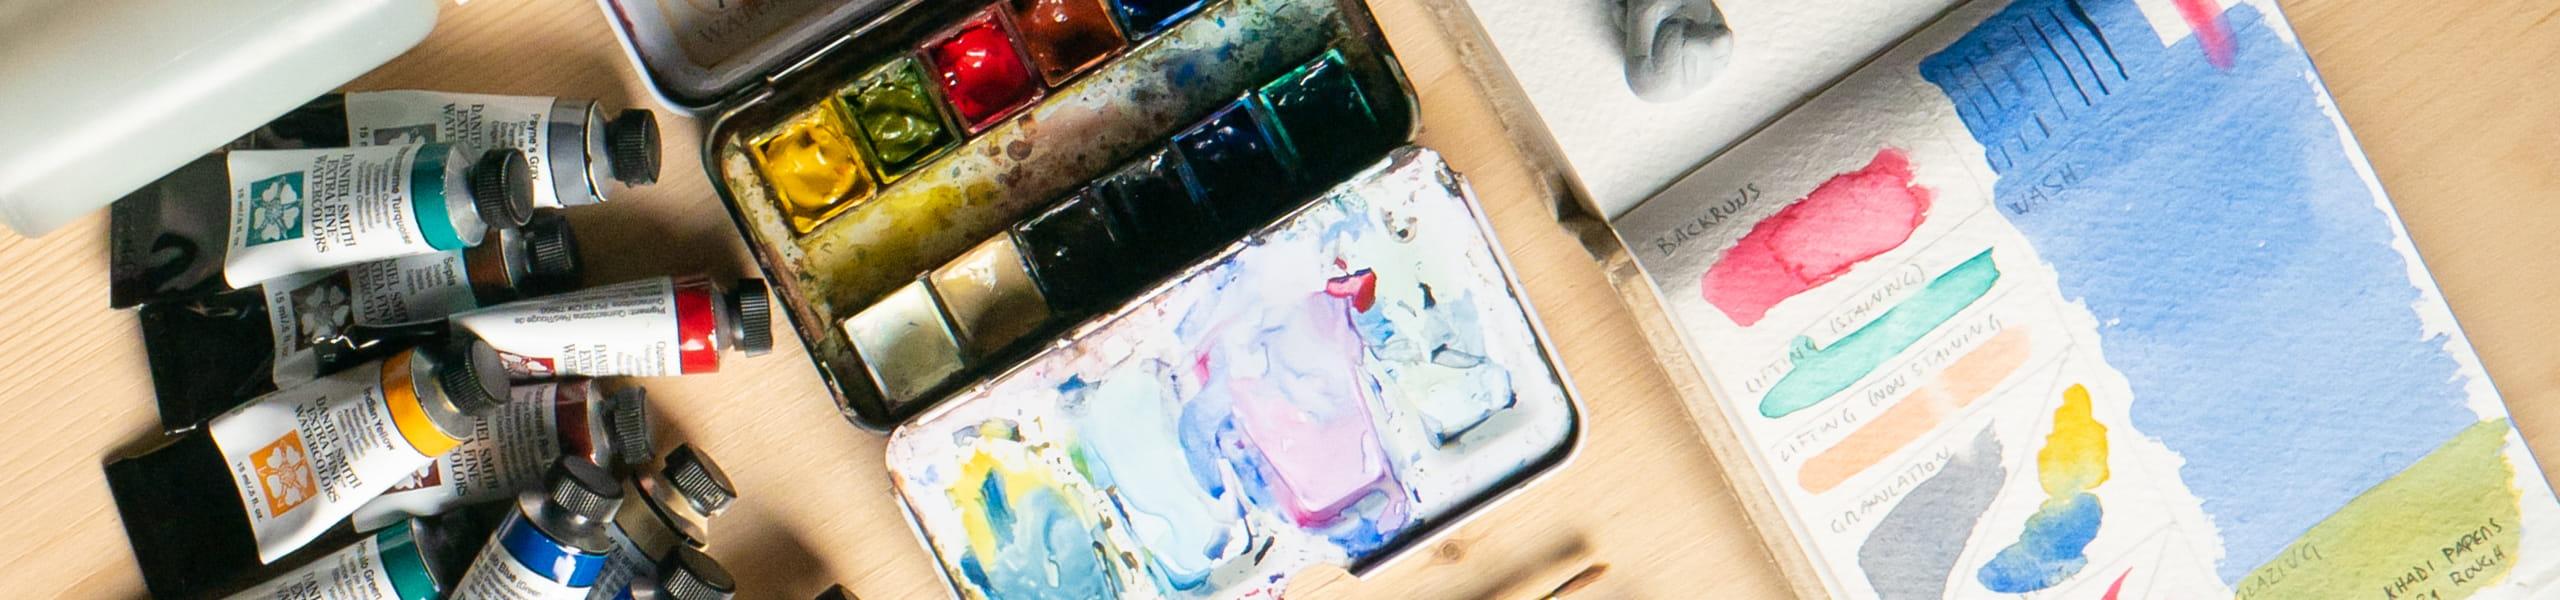 materiali disegno e acquerello